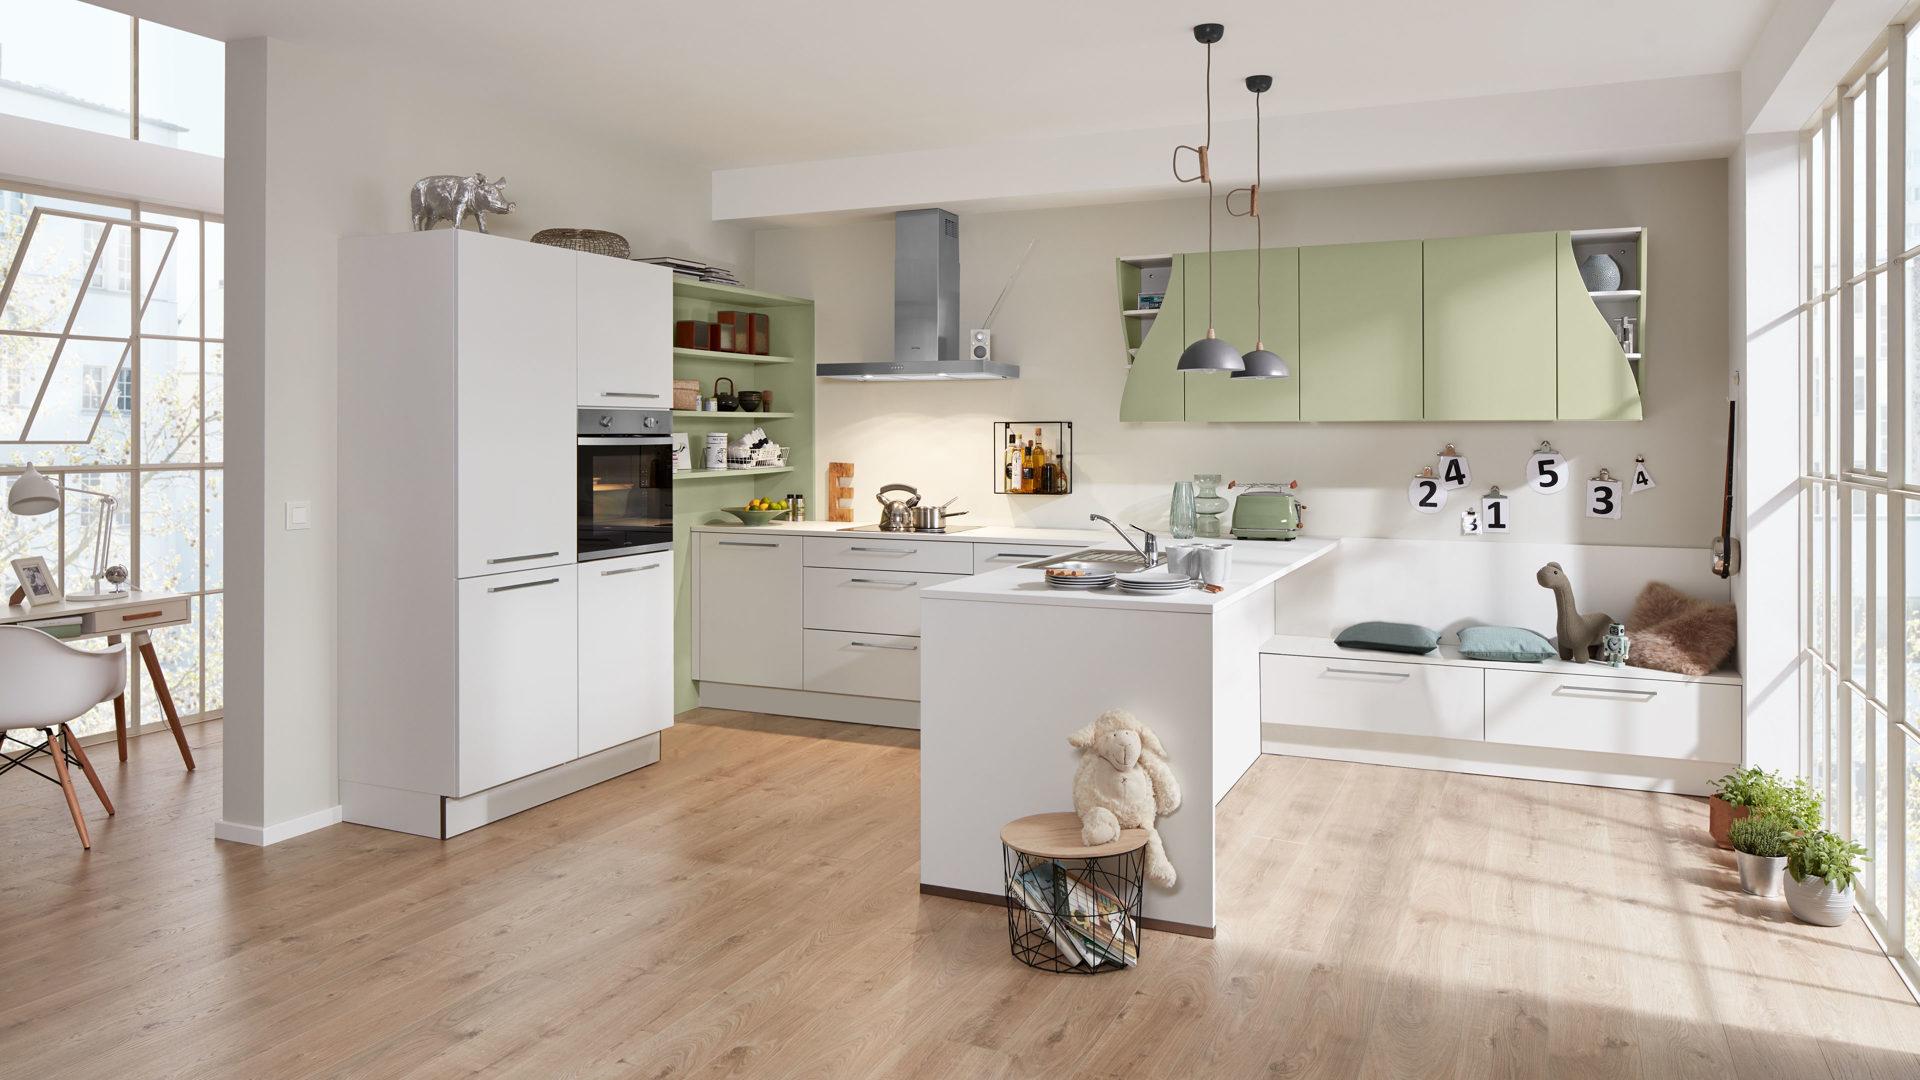 Interliving Küche Serie 3010 mit privileg Einbaugeräten, weiße &  avocadofarbene Lackoberflächen – vierteilig